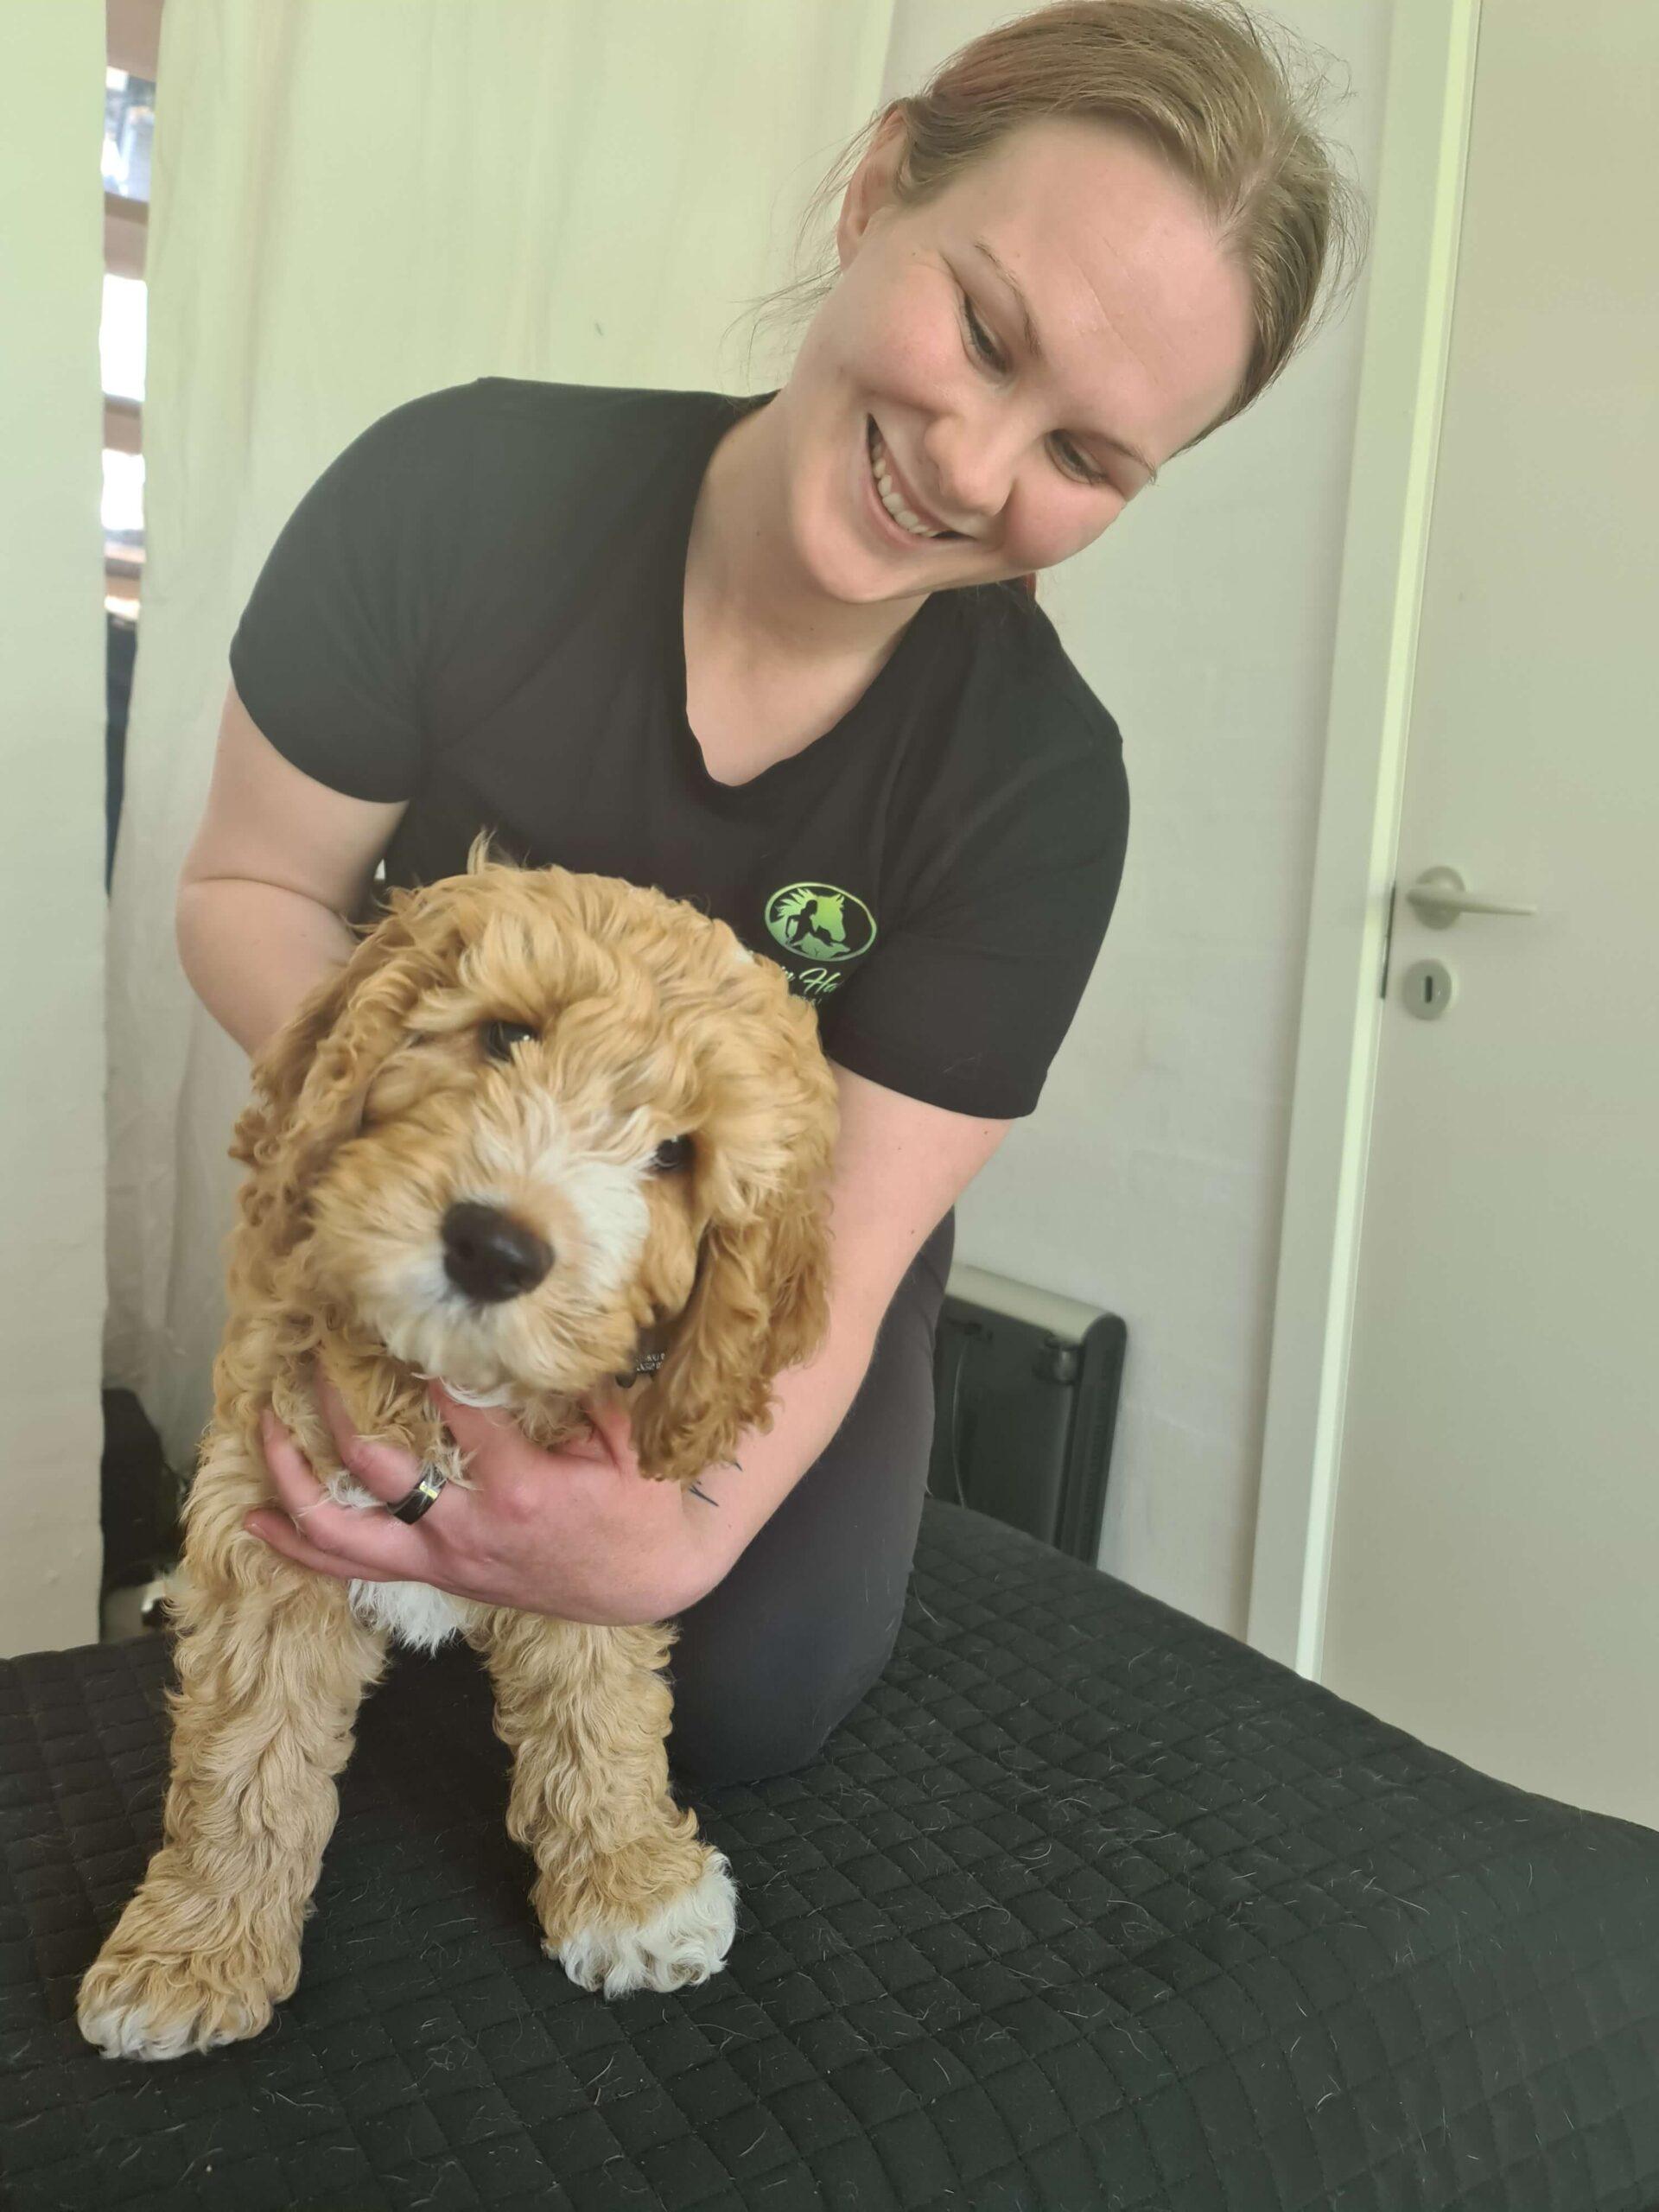 Kiropraktik og anden manuel behandling er ikke kun for gamle hunde eller hunde med specifikke problemer eller symptomer. Kiropraktik er også for din hvalp!